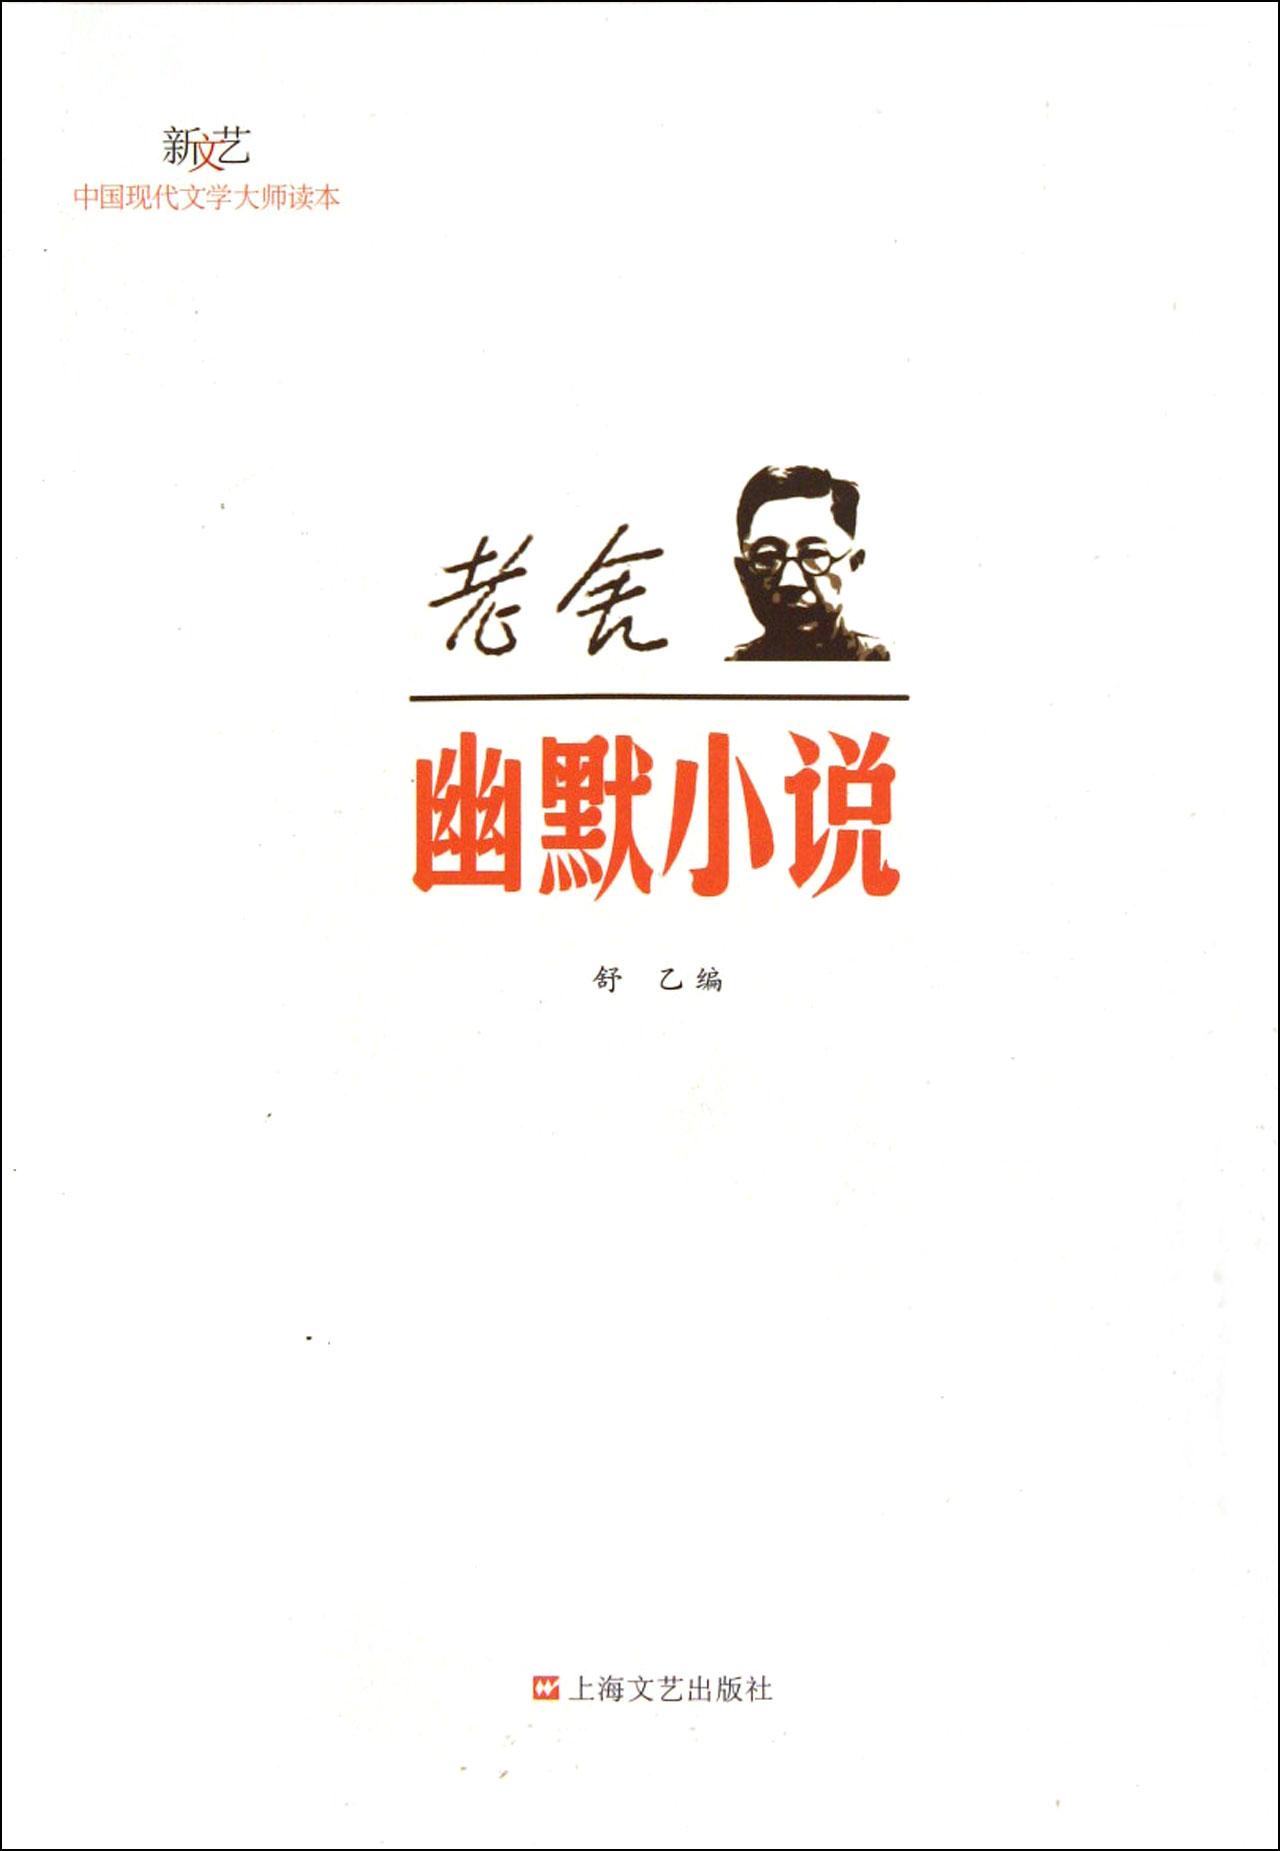 小说封面q版萌图片素材现代